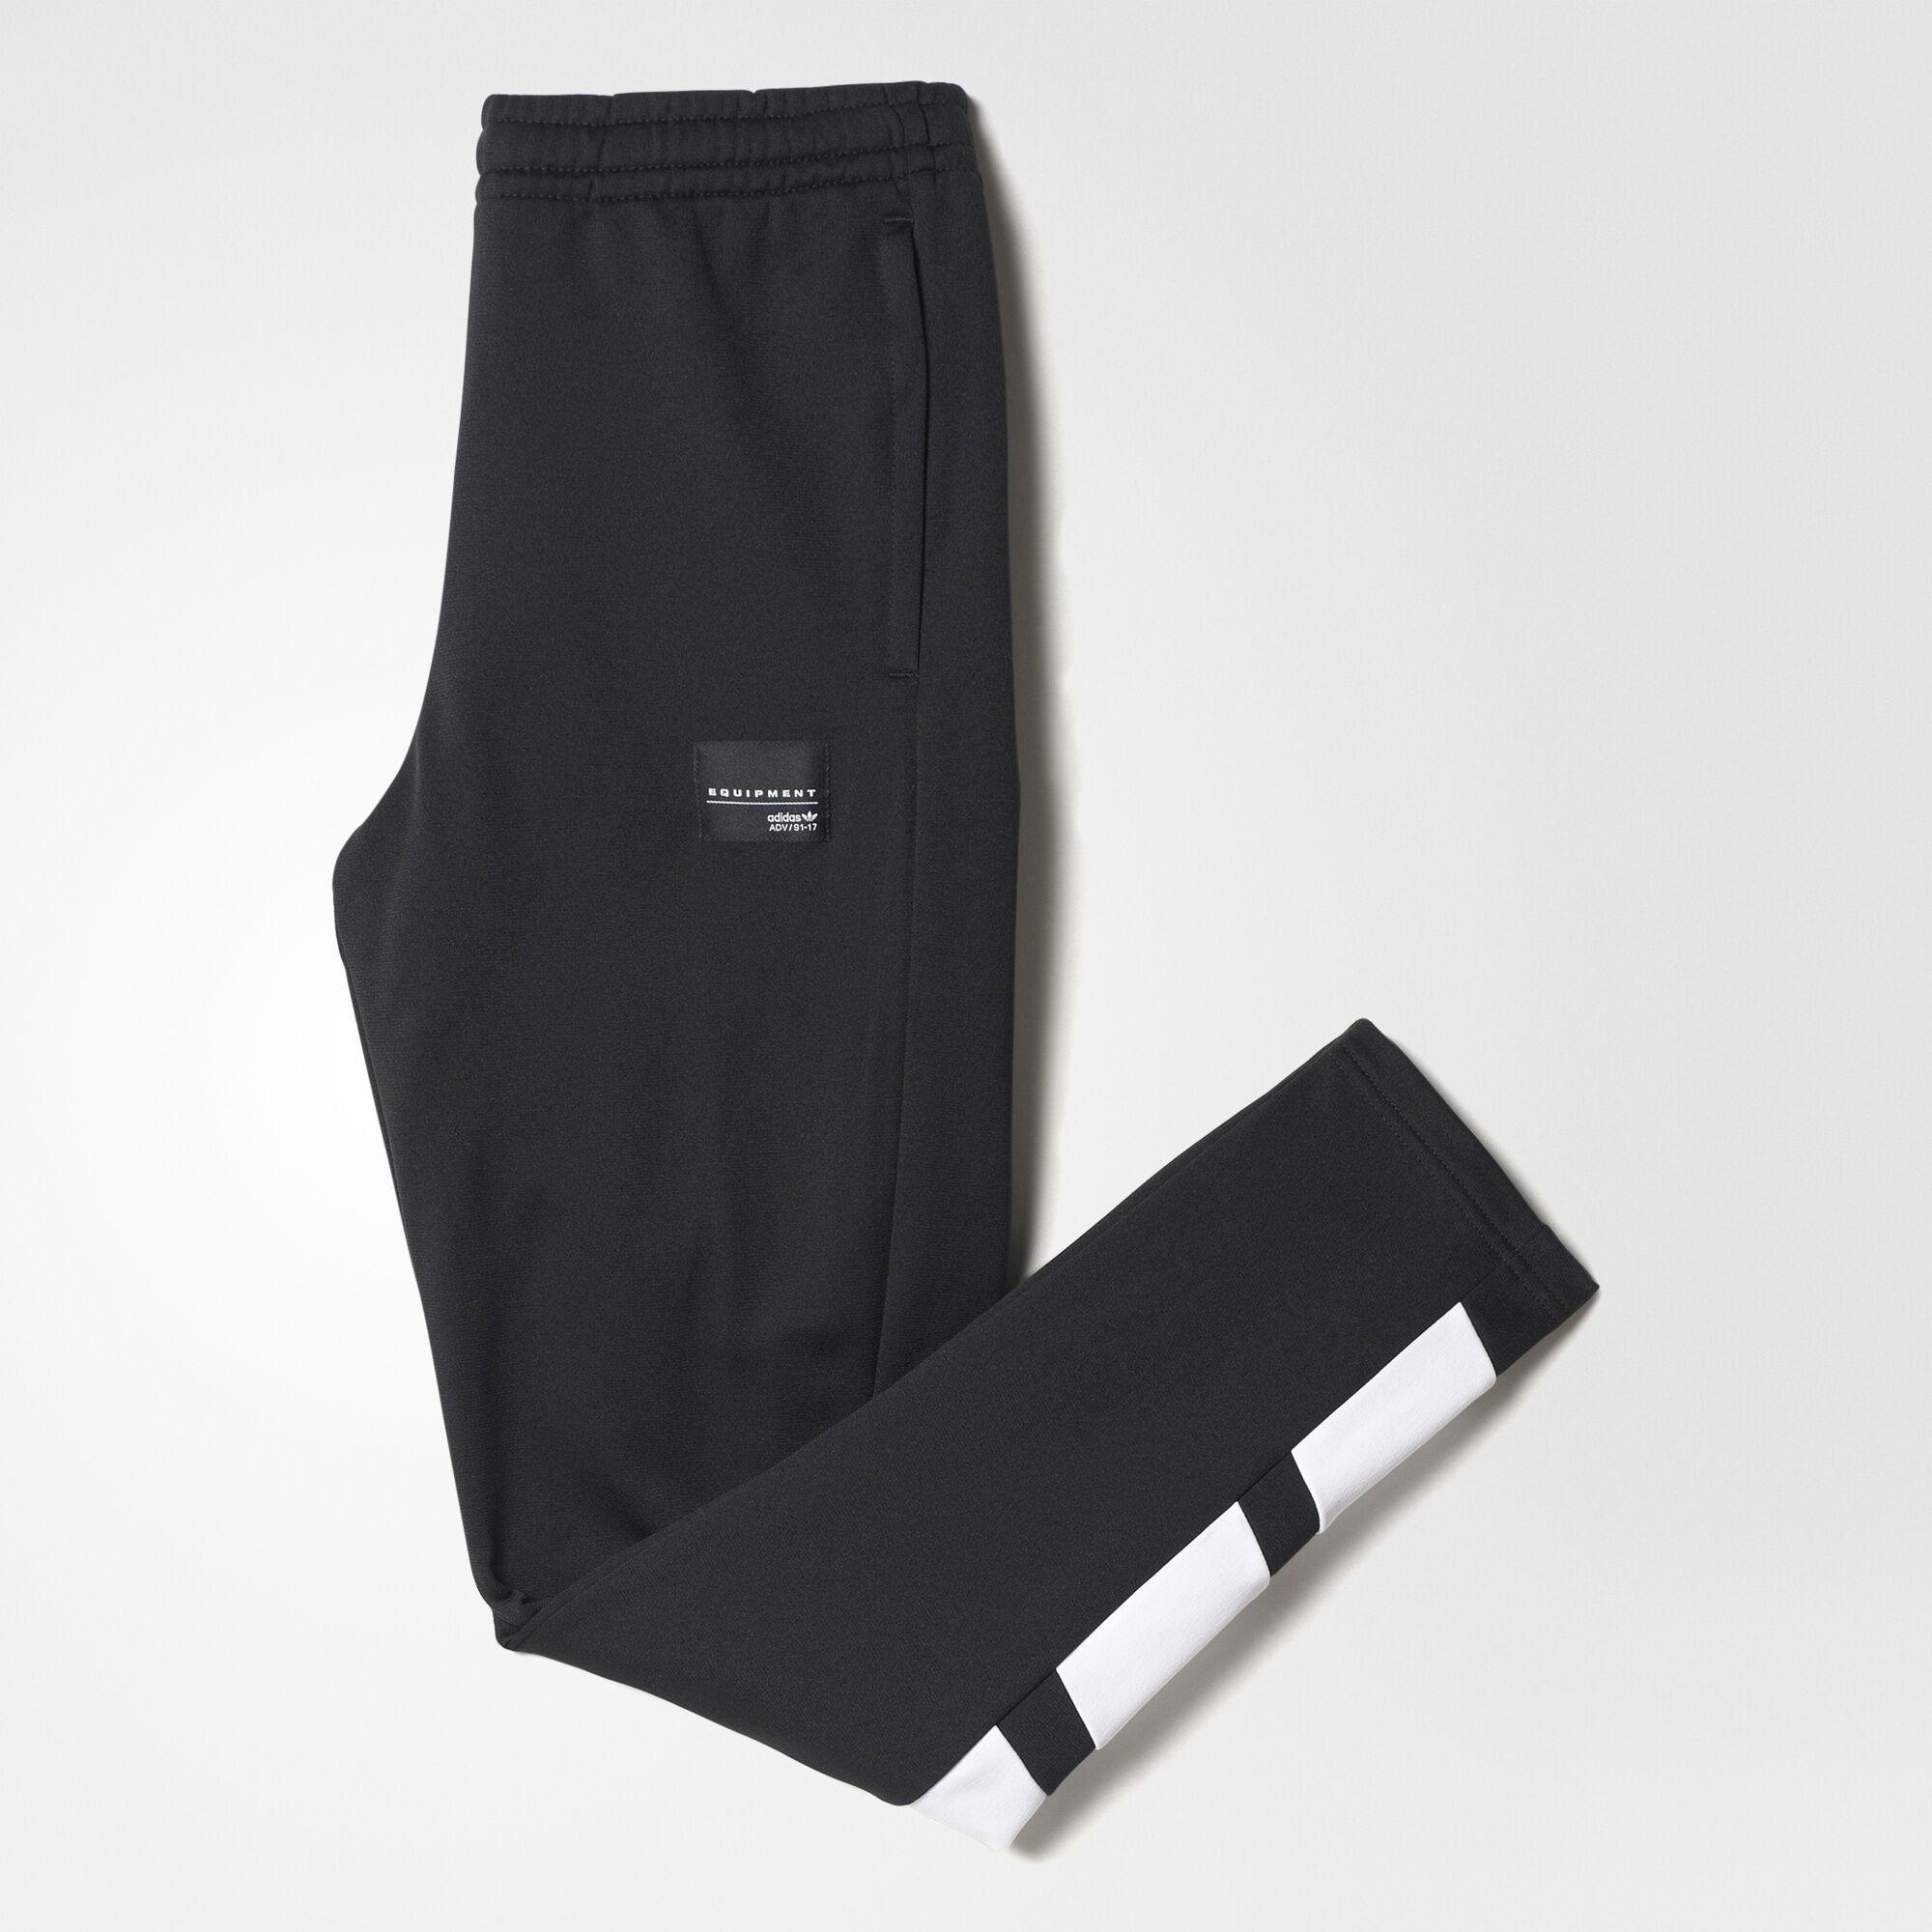 bambini adidas pantaloncini, scarpe nuove adidas samba > off54% la libera navigazione!